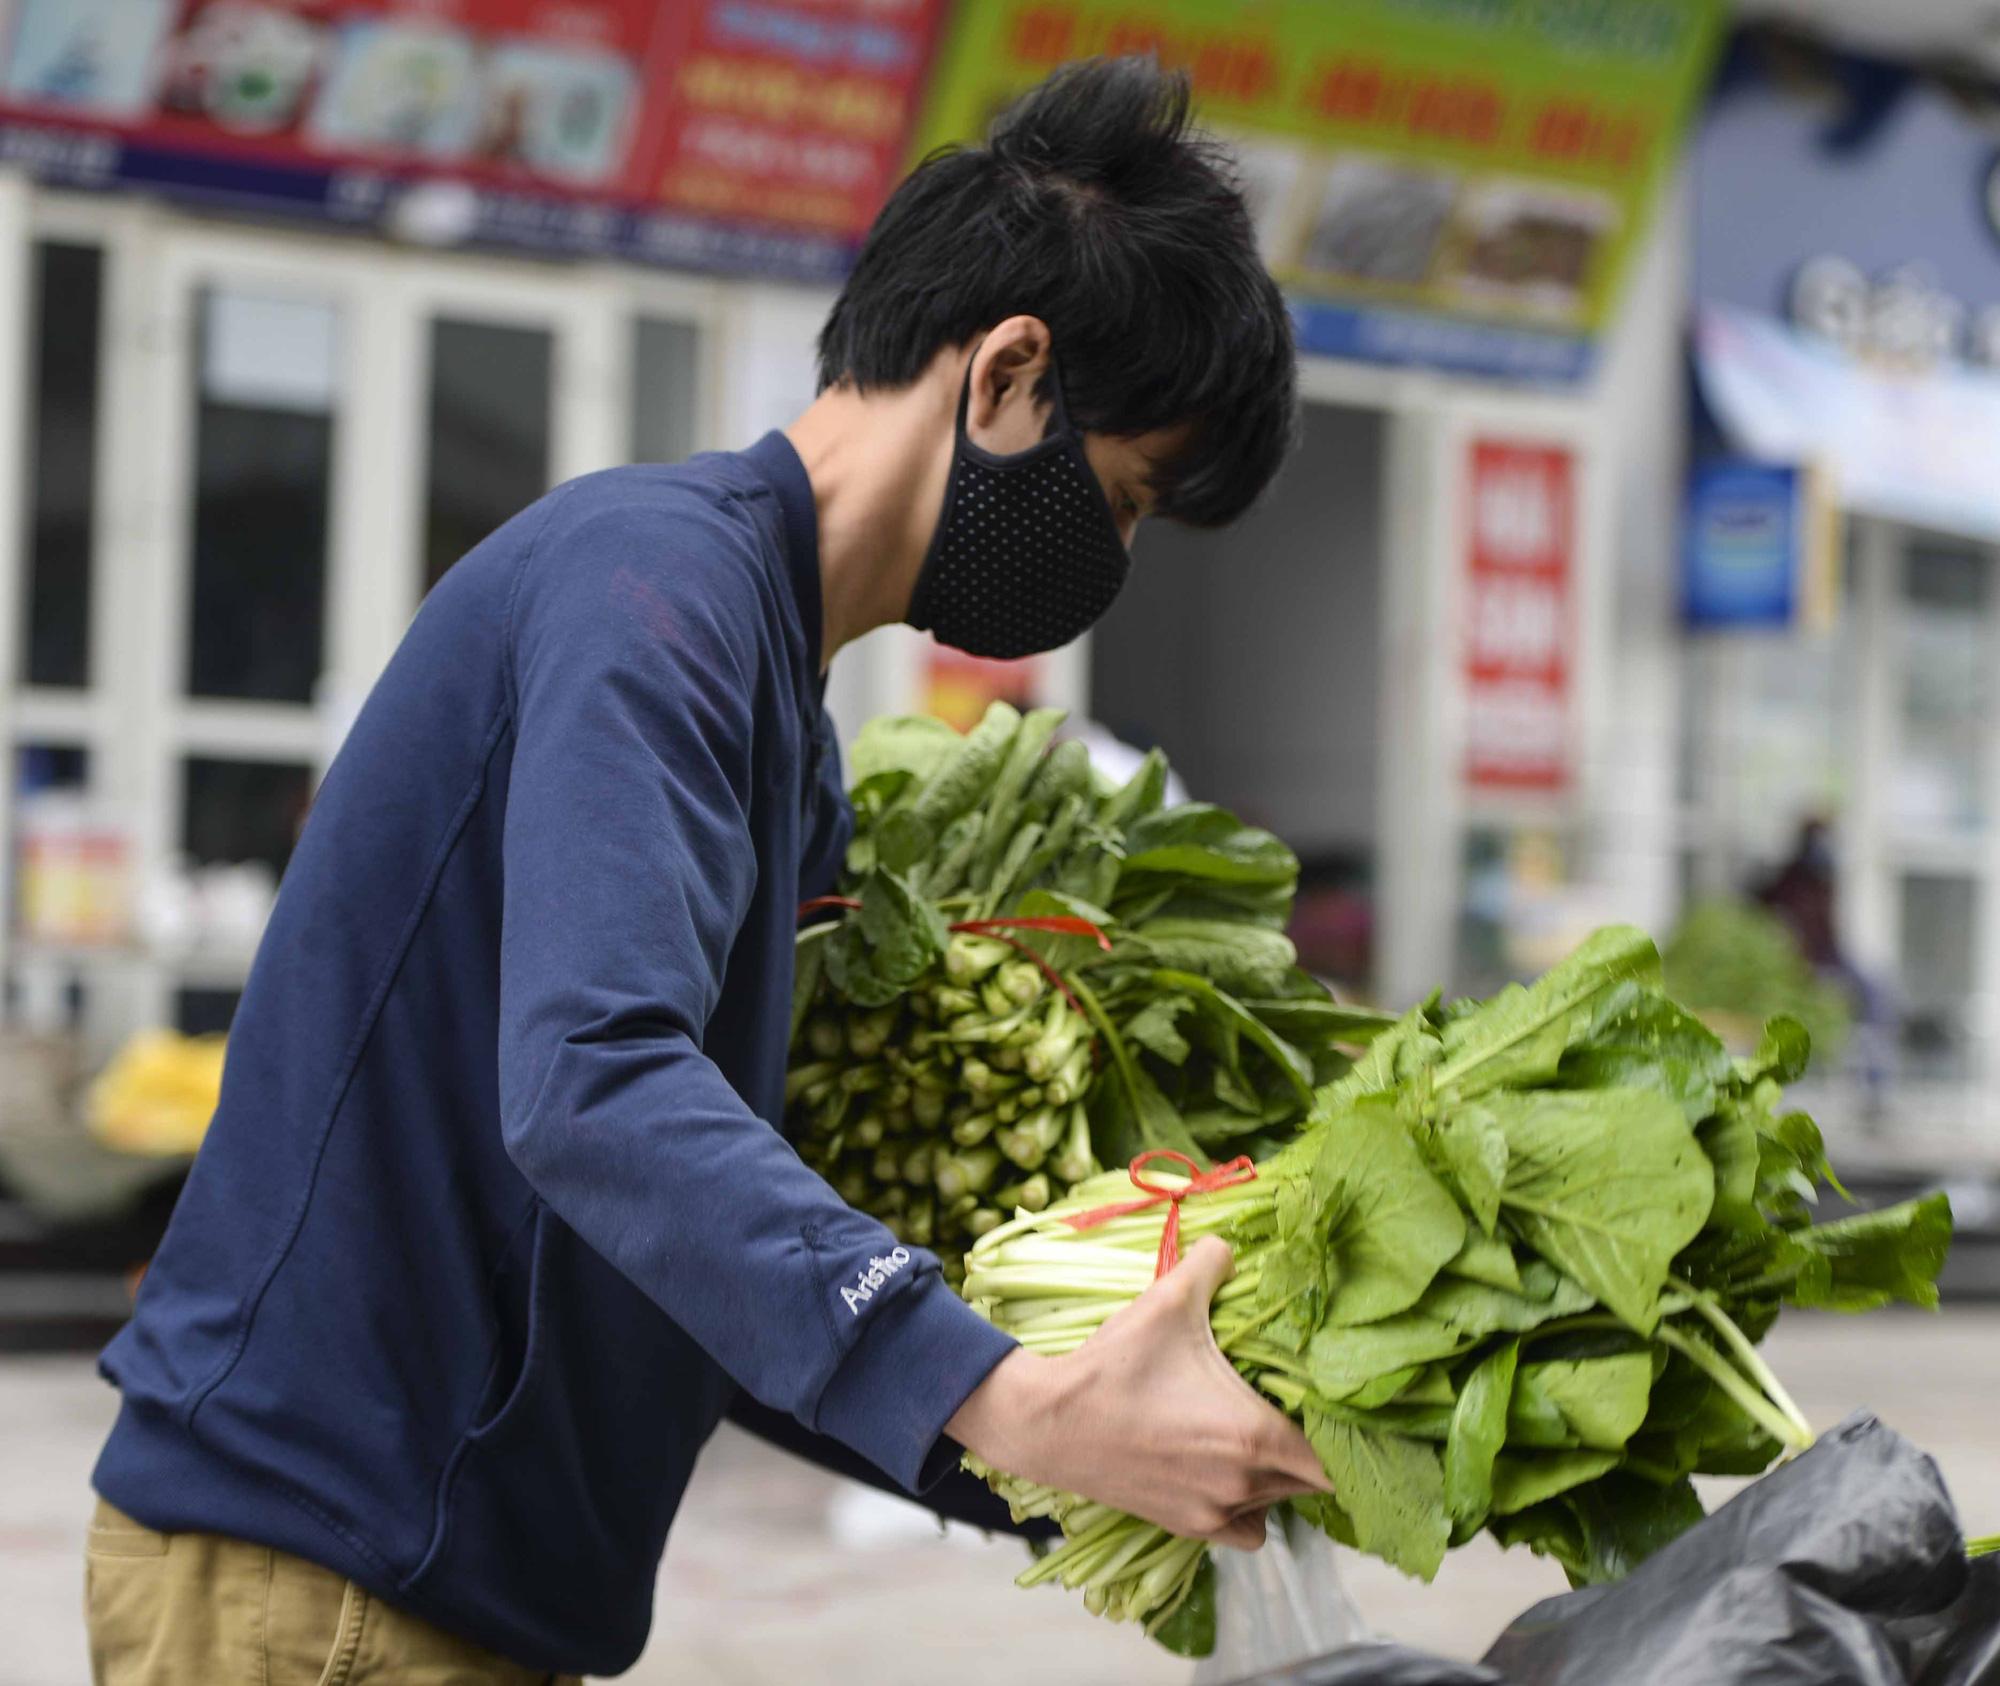 [Ảnh] Tiếp tế 350kg rau cho khu chung cư gần 1.000 dân cách ly ở Hà Nội-9